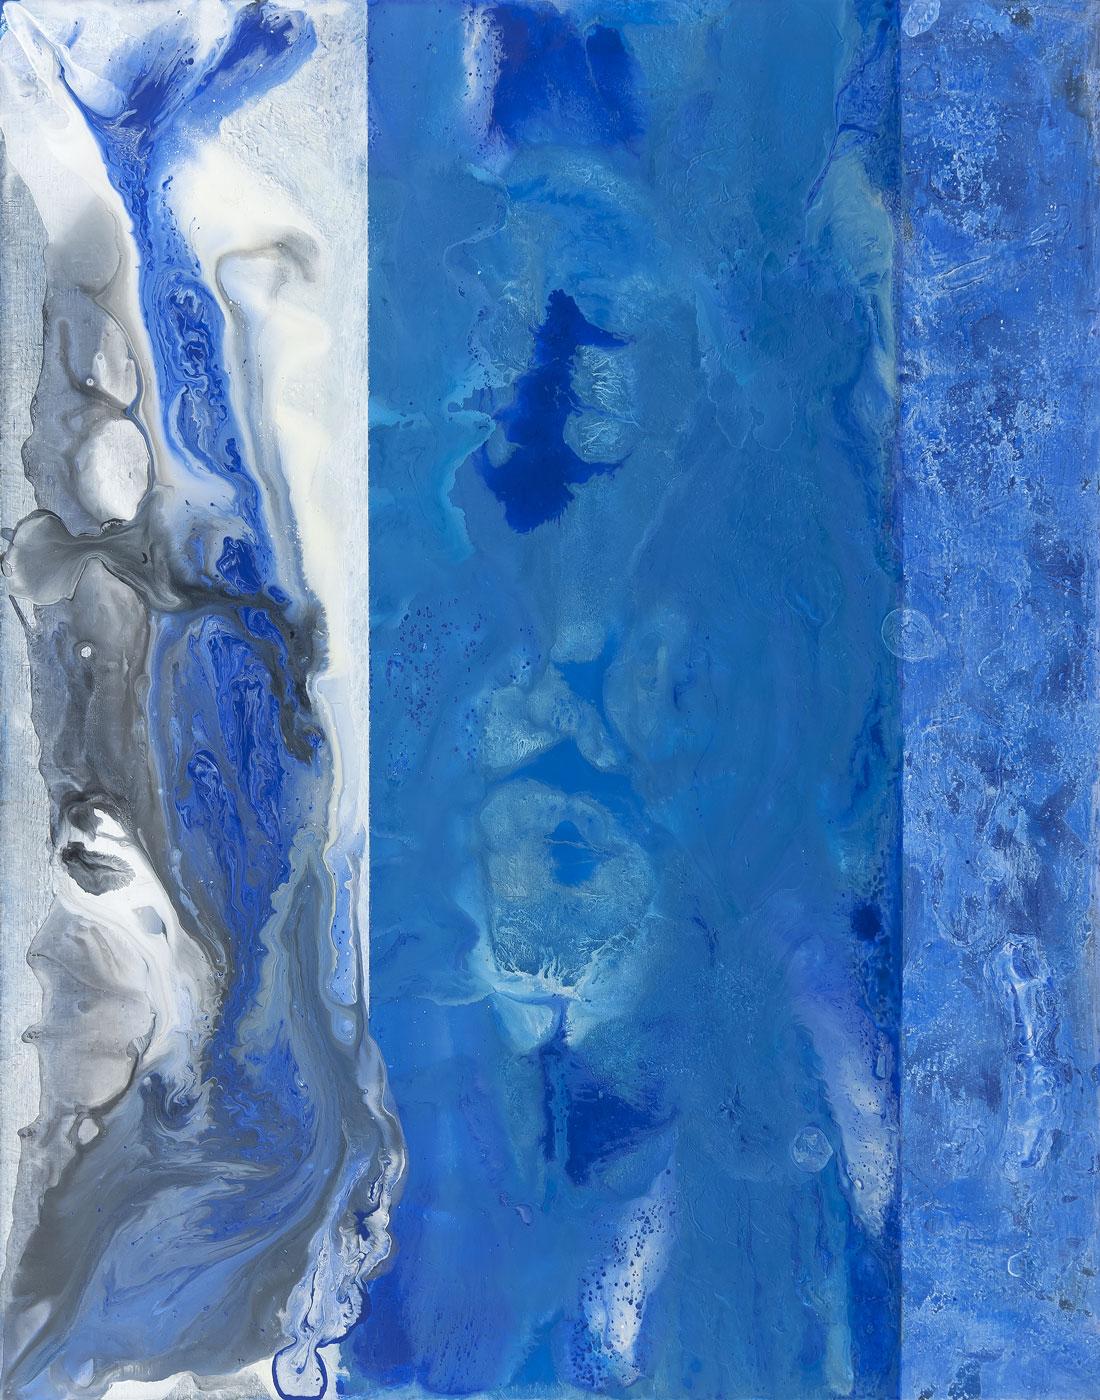 Skrytá podobizna, akryl a olej na plátně, 115x90 cm, 2016-2017